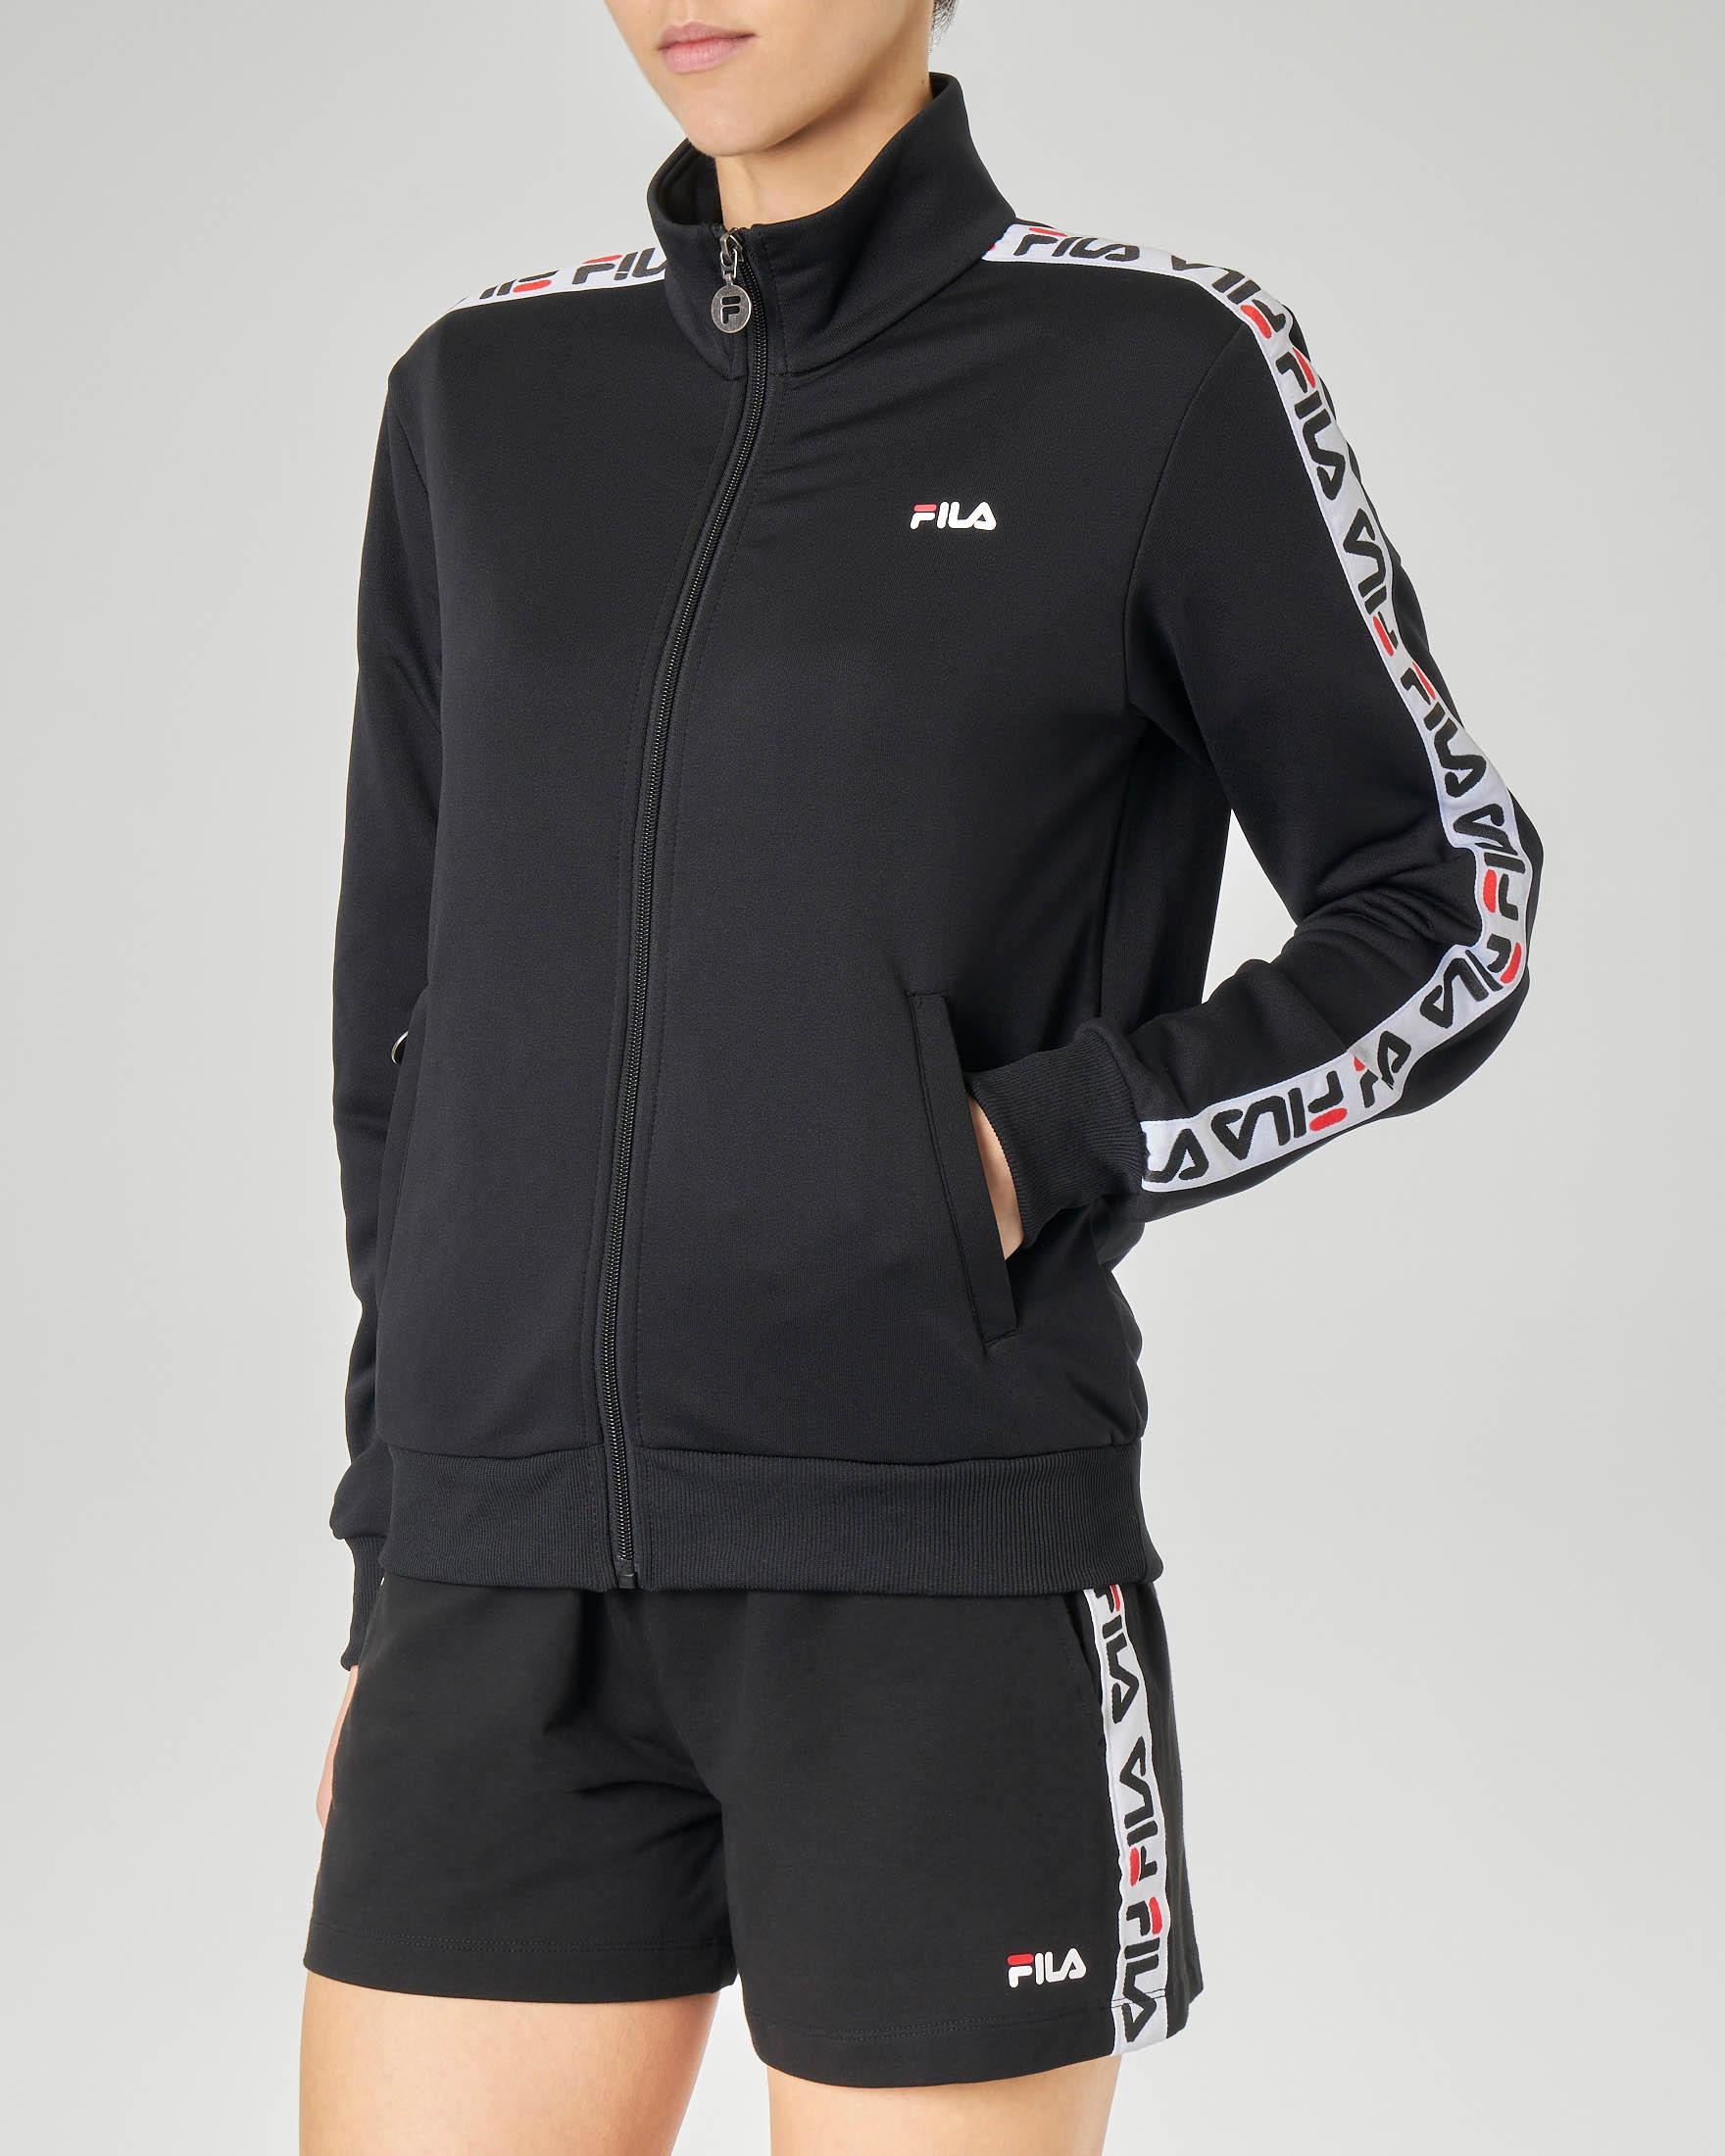 Felpa nera con zip e bande laterali con logo a contrasto